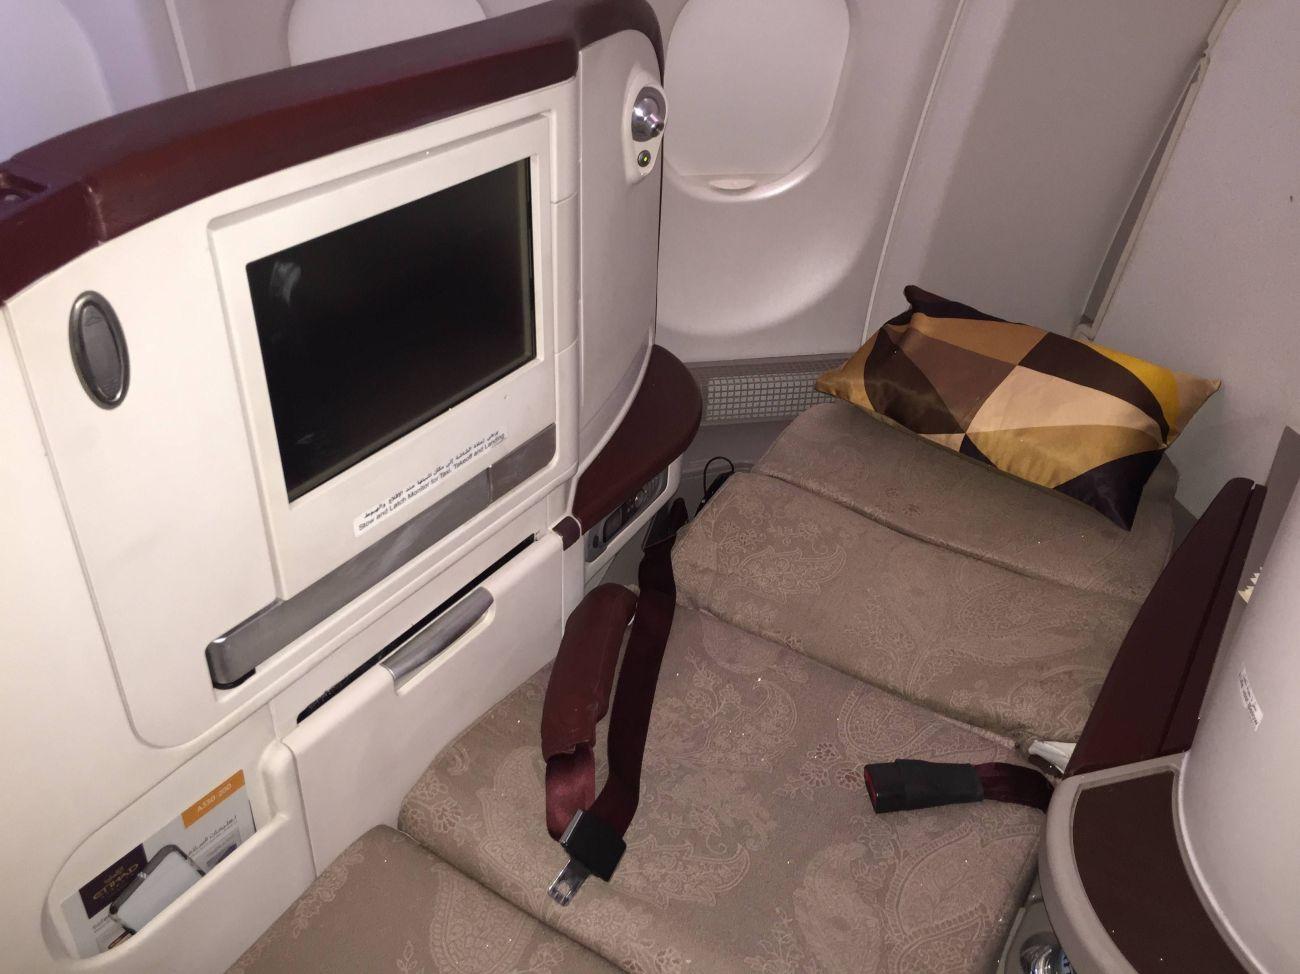 Jet Airways A330 Business Class Etihad Passageirodeprimeira -027